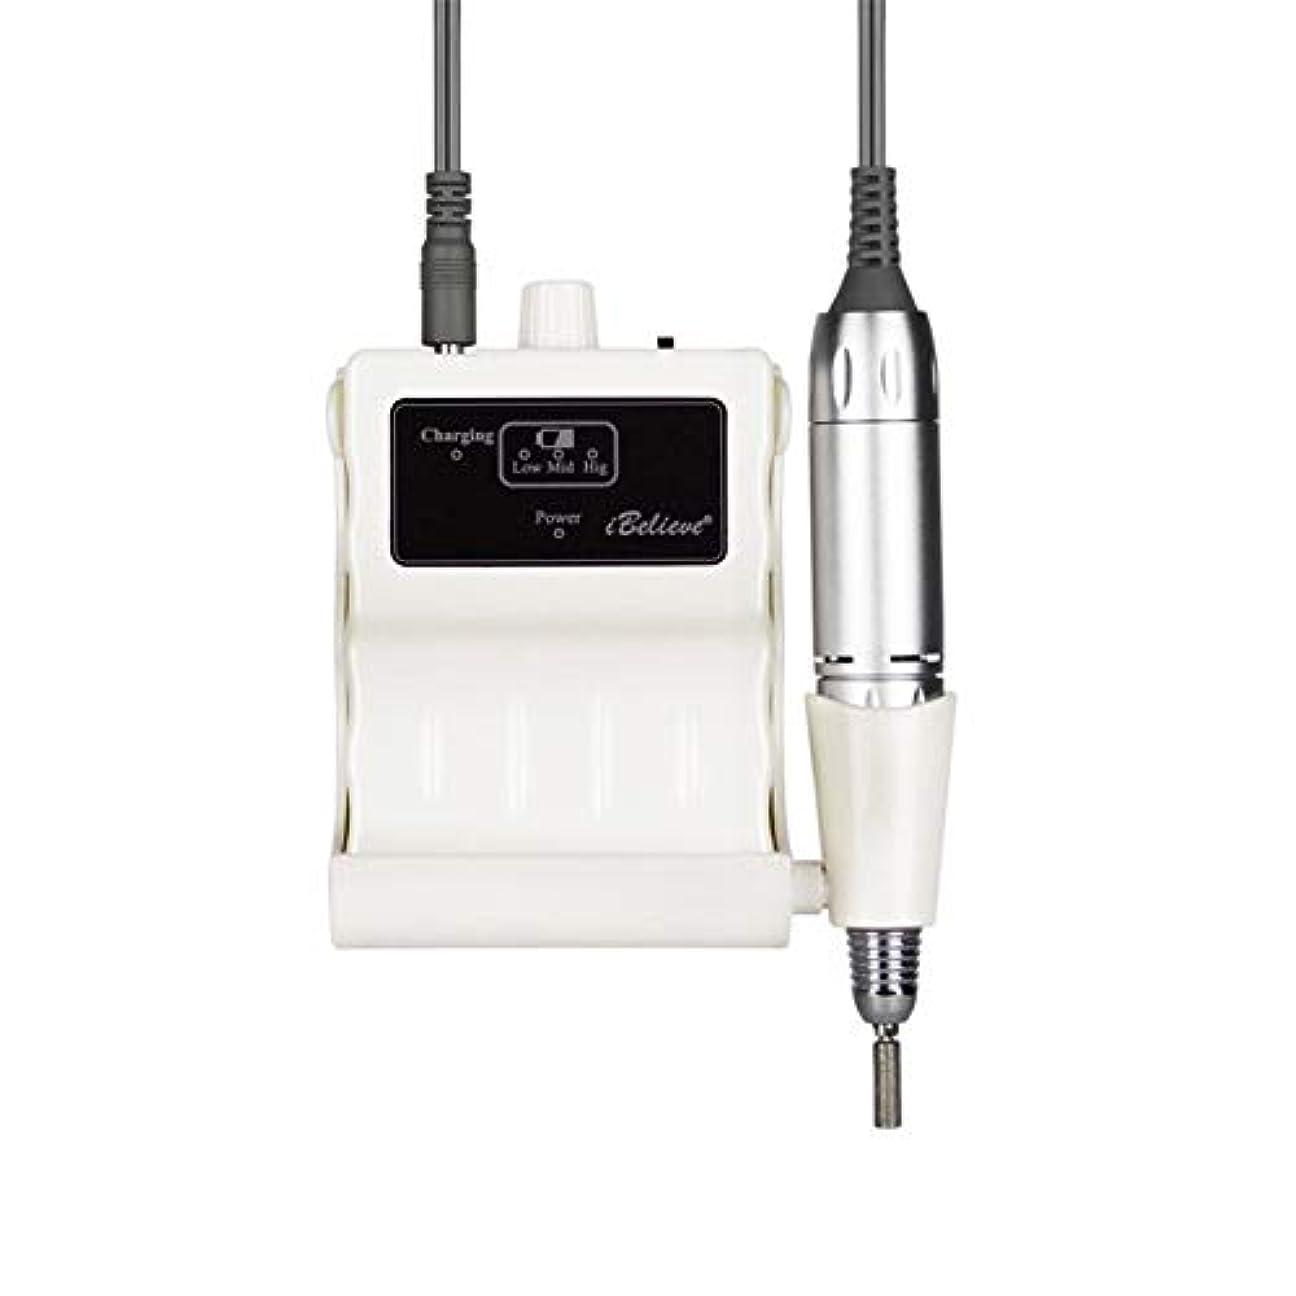 魅力的であることへのアピールプレミア争い充電式マニキュアペディキュアセット用LEDディスプレイウエストバンド付き電動ネイルドリル30000RPMポータブル,白